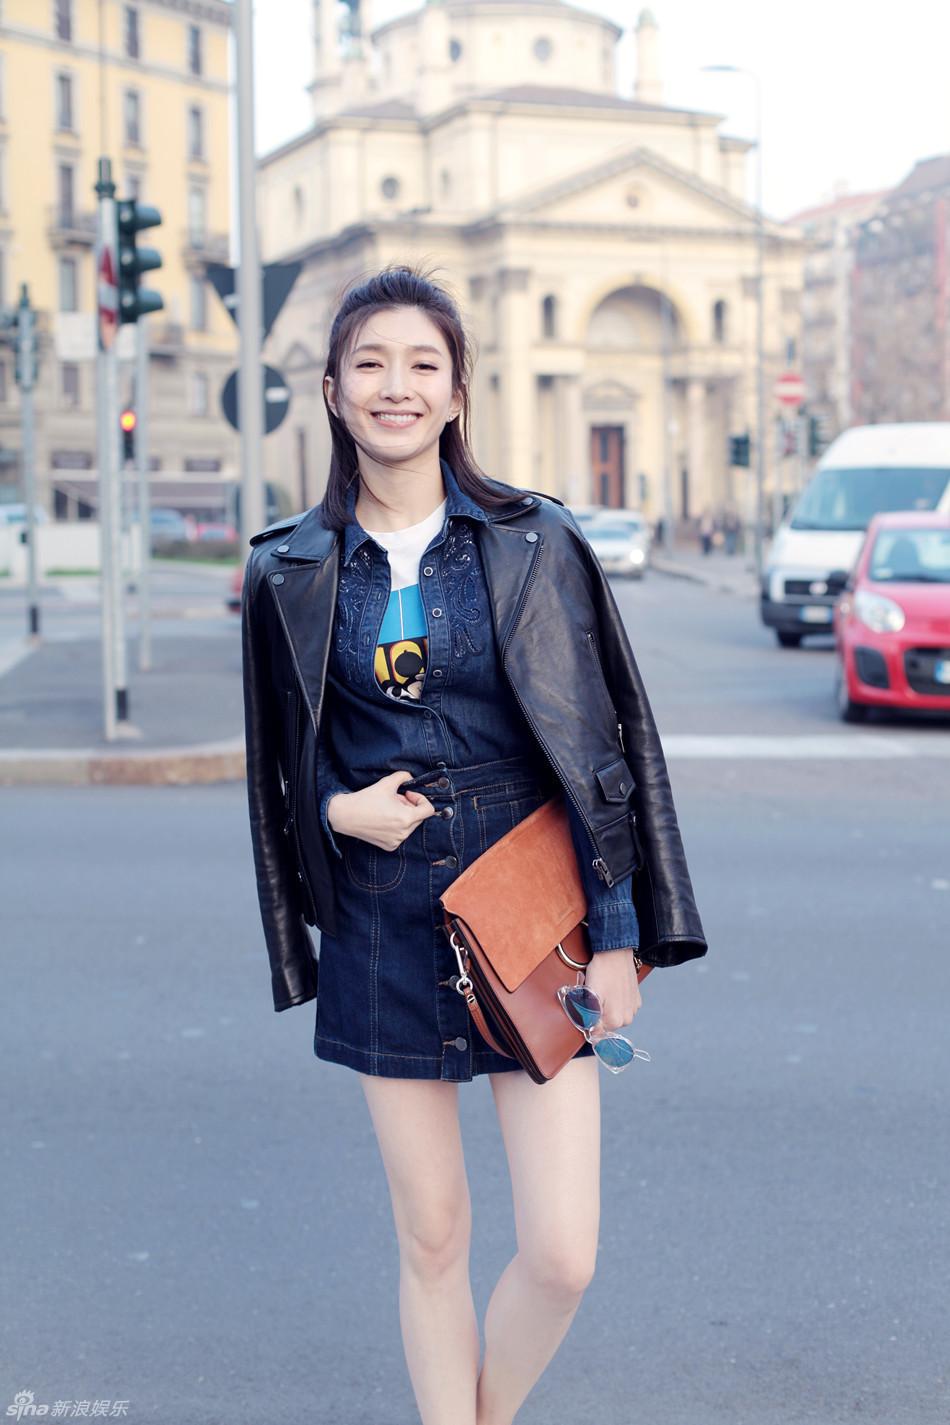 组图 江疏影街拍自组cp 实力强攻遇娇俏女友图片